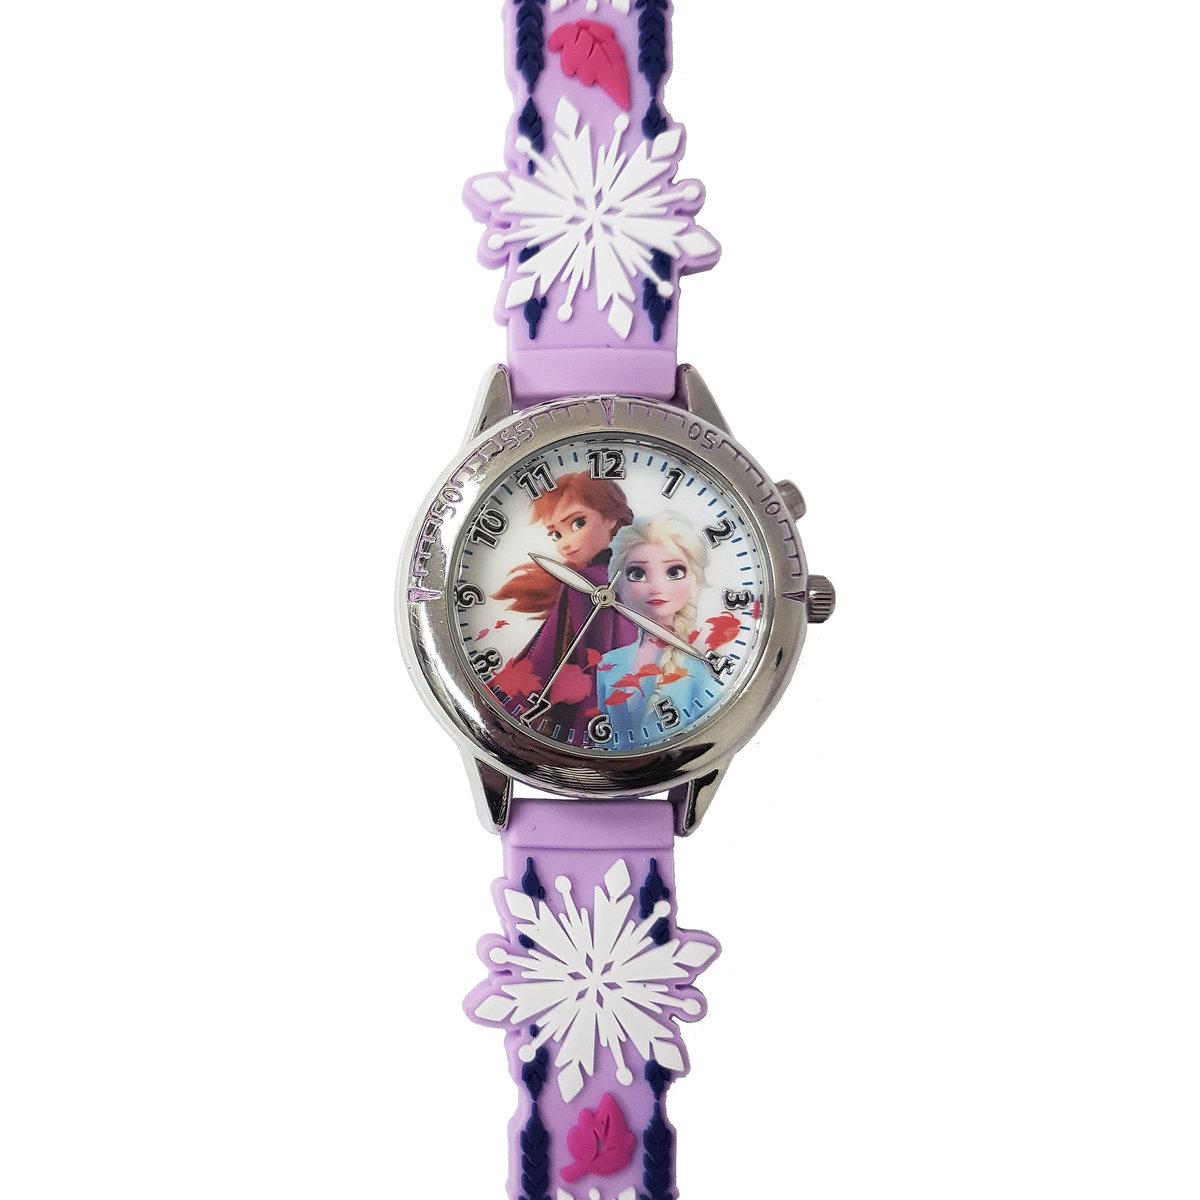 DISNEY FROZEN 2 - Light up wrist watch - Elsa/Anna (Licensed by Disney)